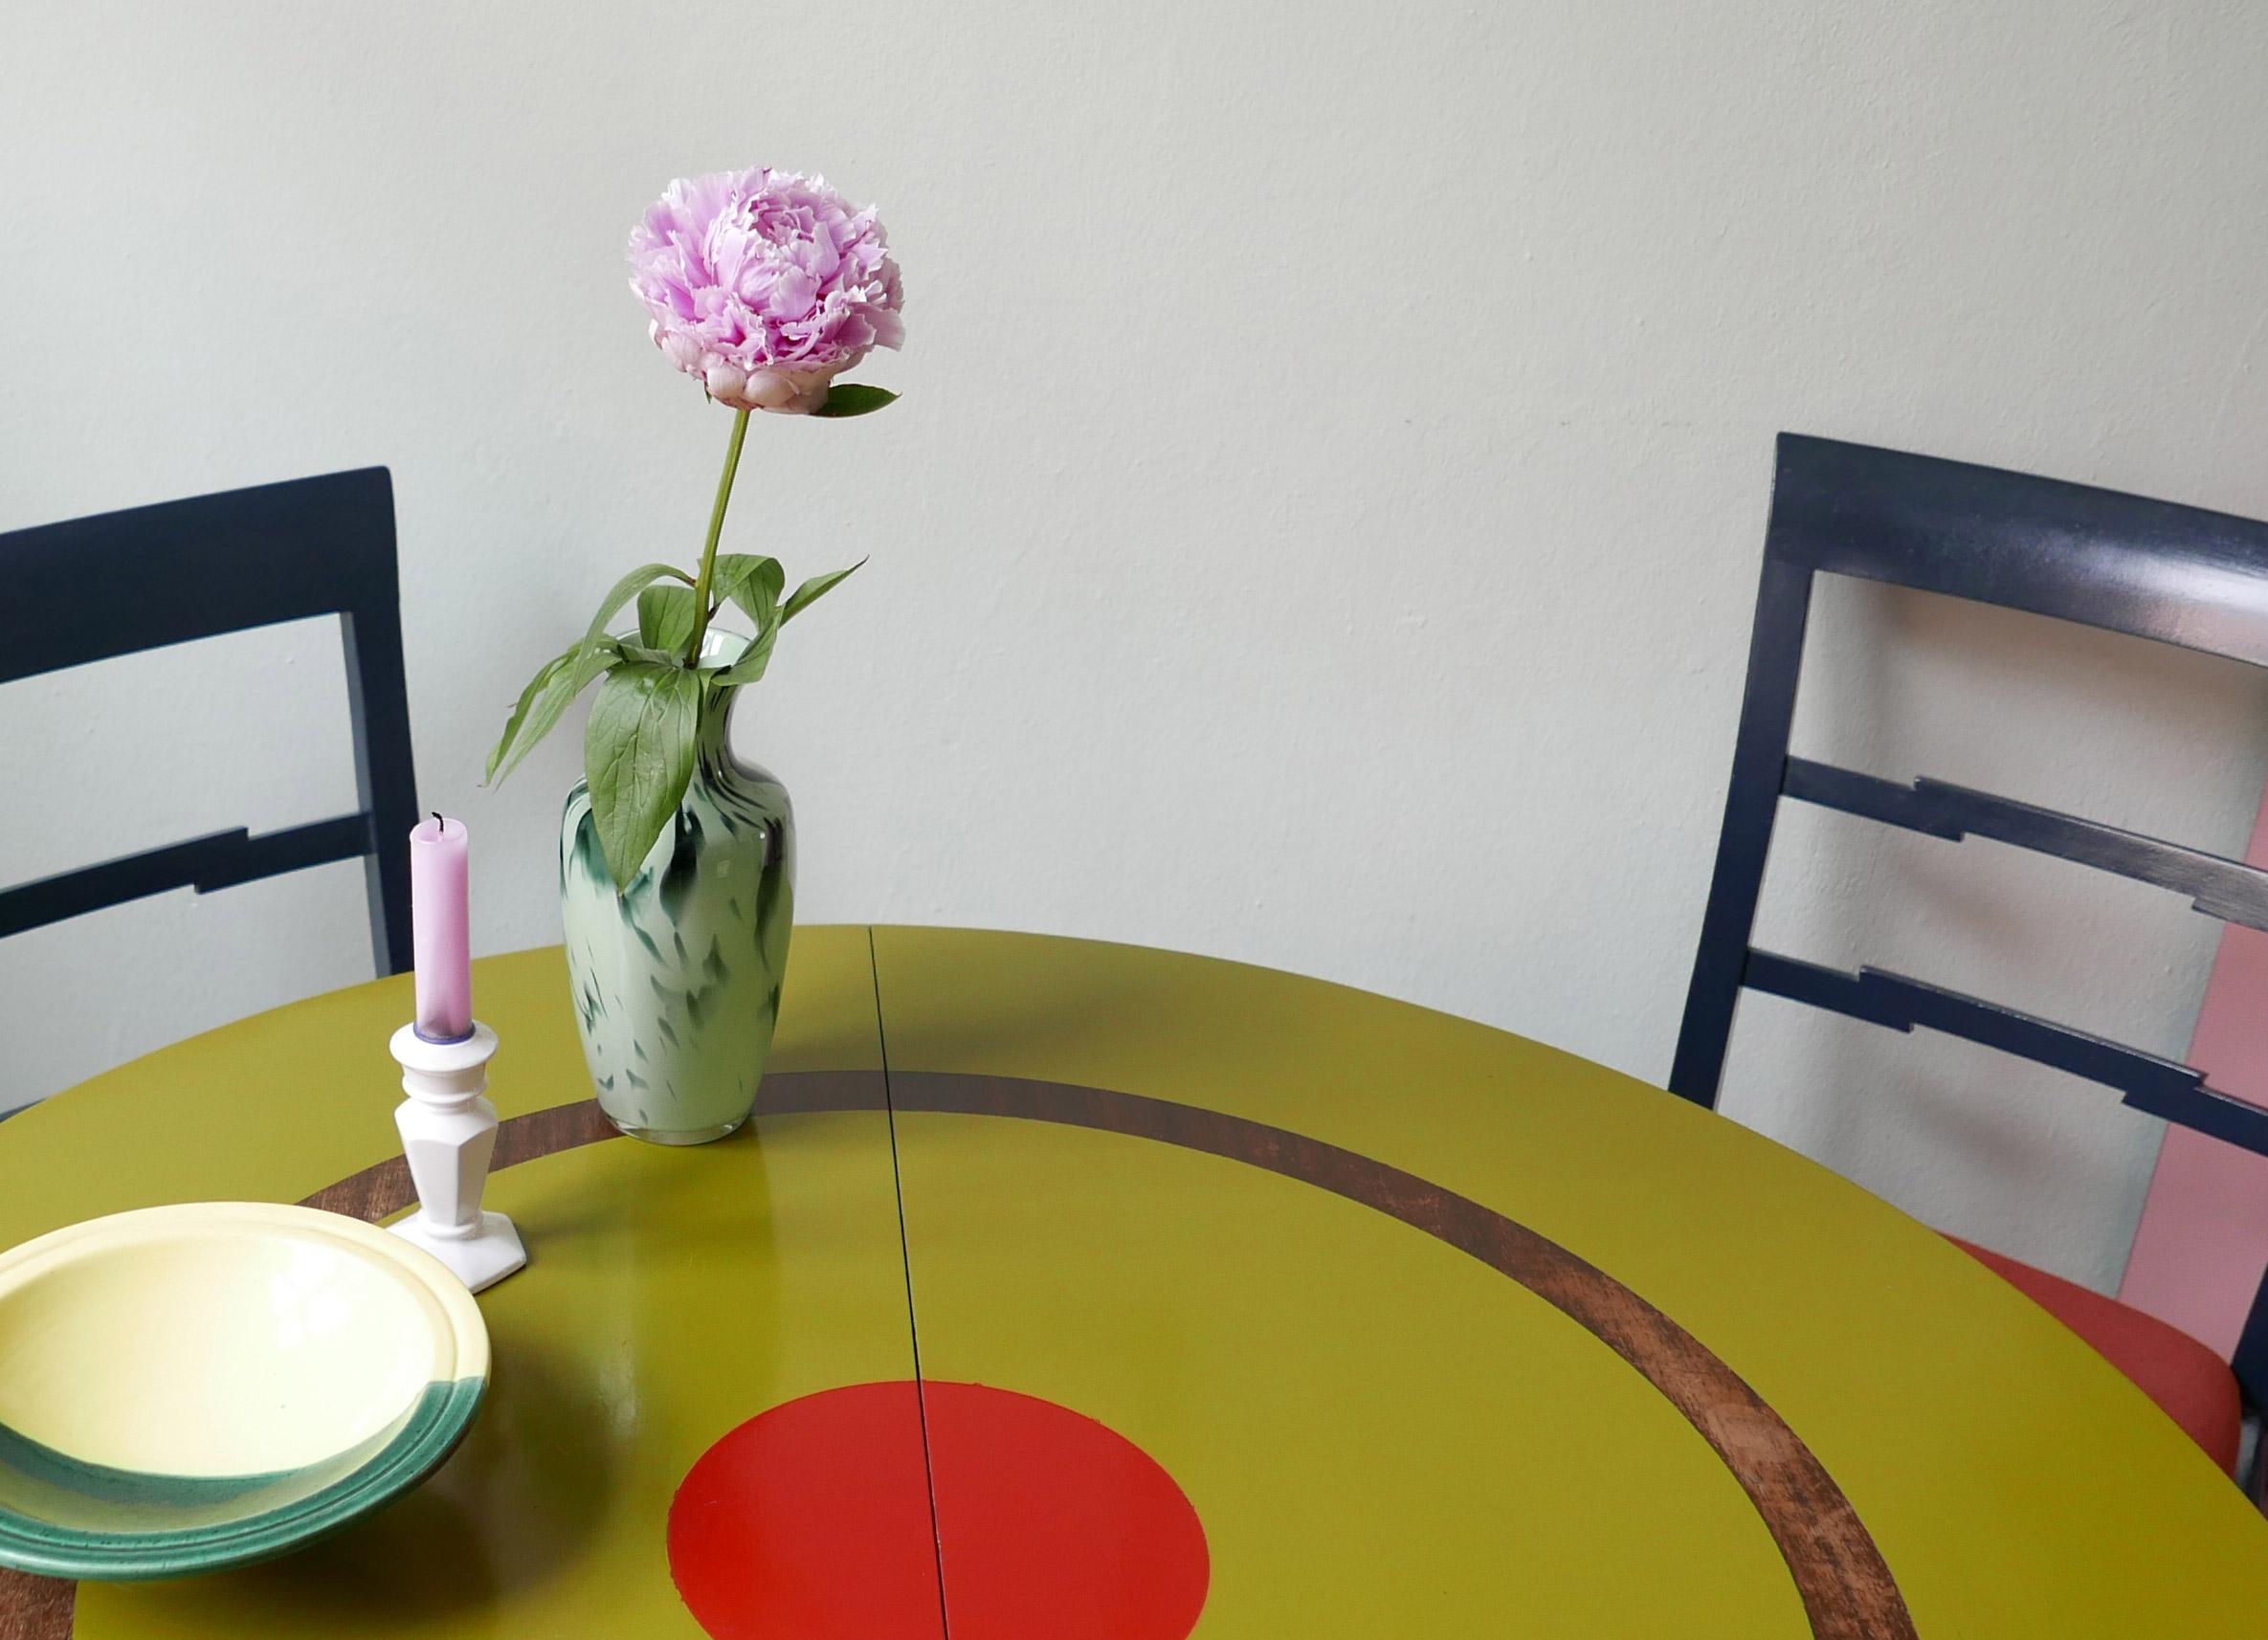 Grüner Tisch mit einer Pfingstrose in einer grünen Vase